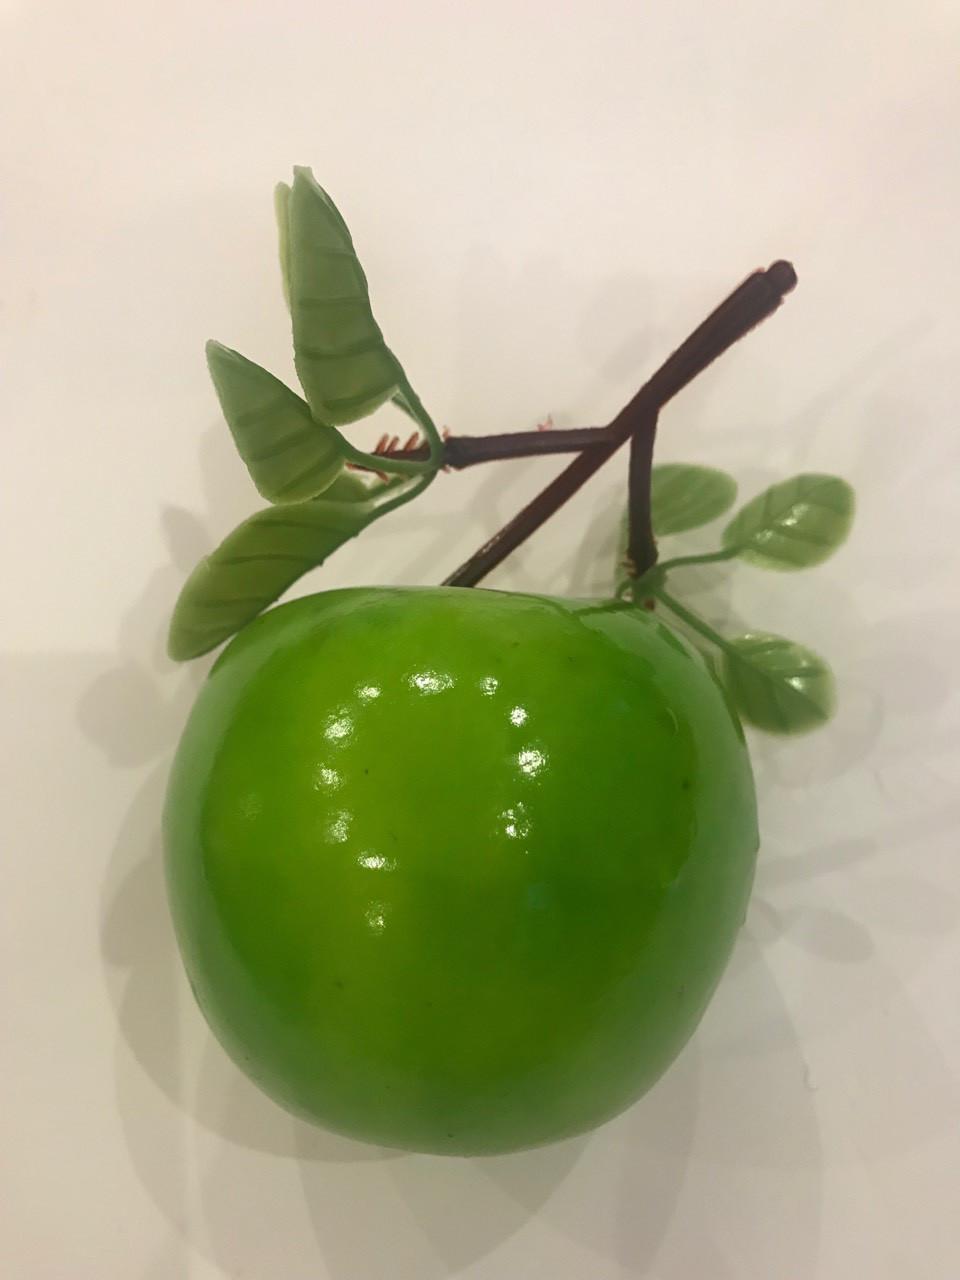 Искусственное яблоко.Муляж зелёного яблока.